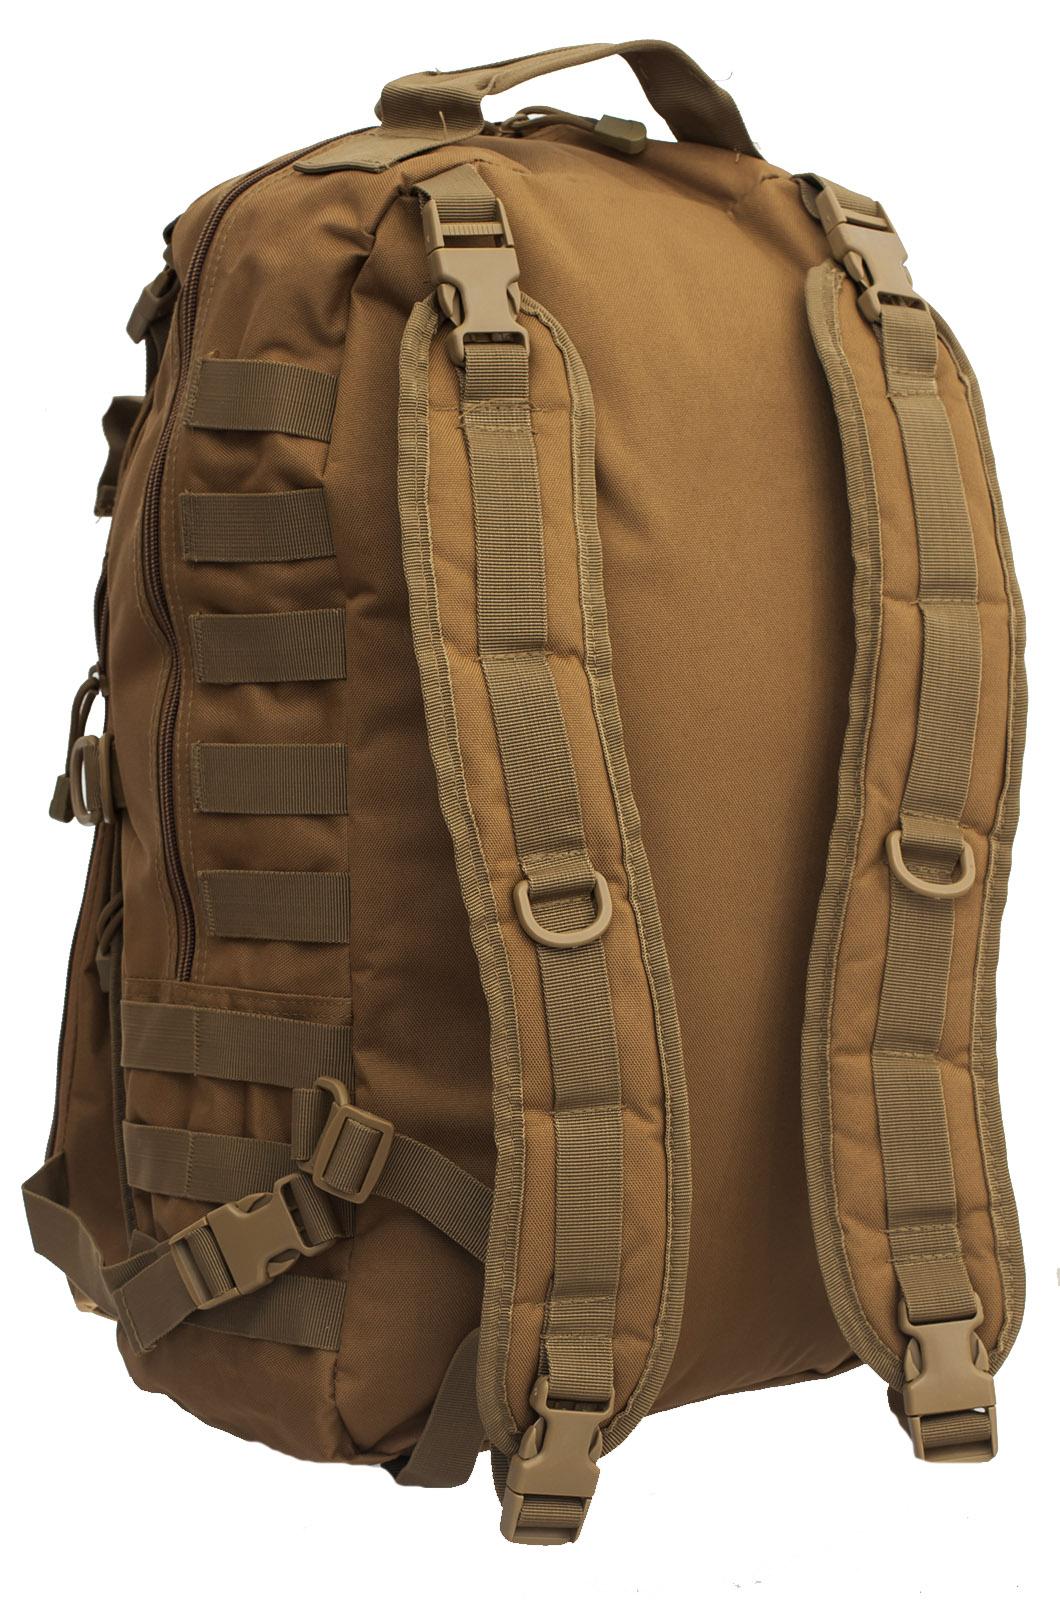 Смарт-экип! Малообъемный, но вместительный тактический рюкзак «Морская пехота»